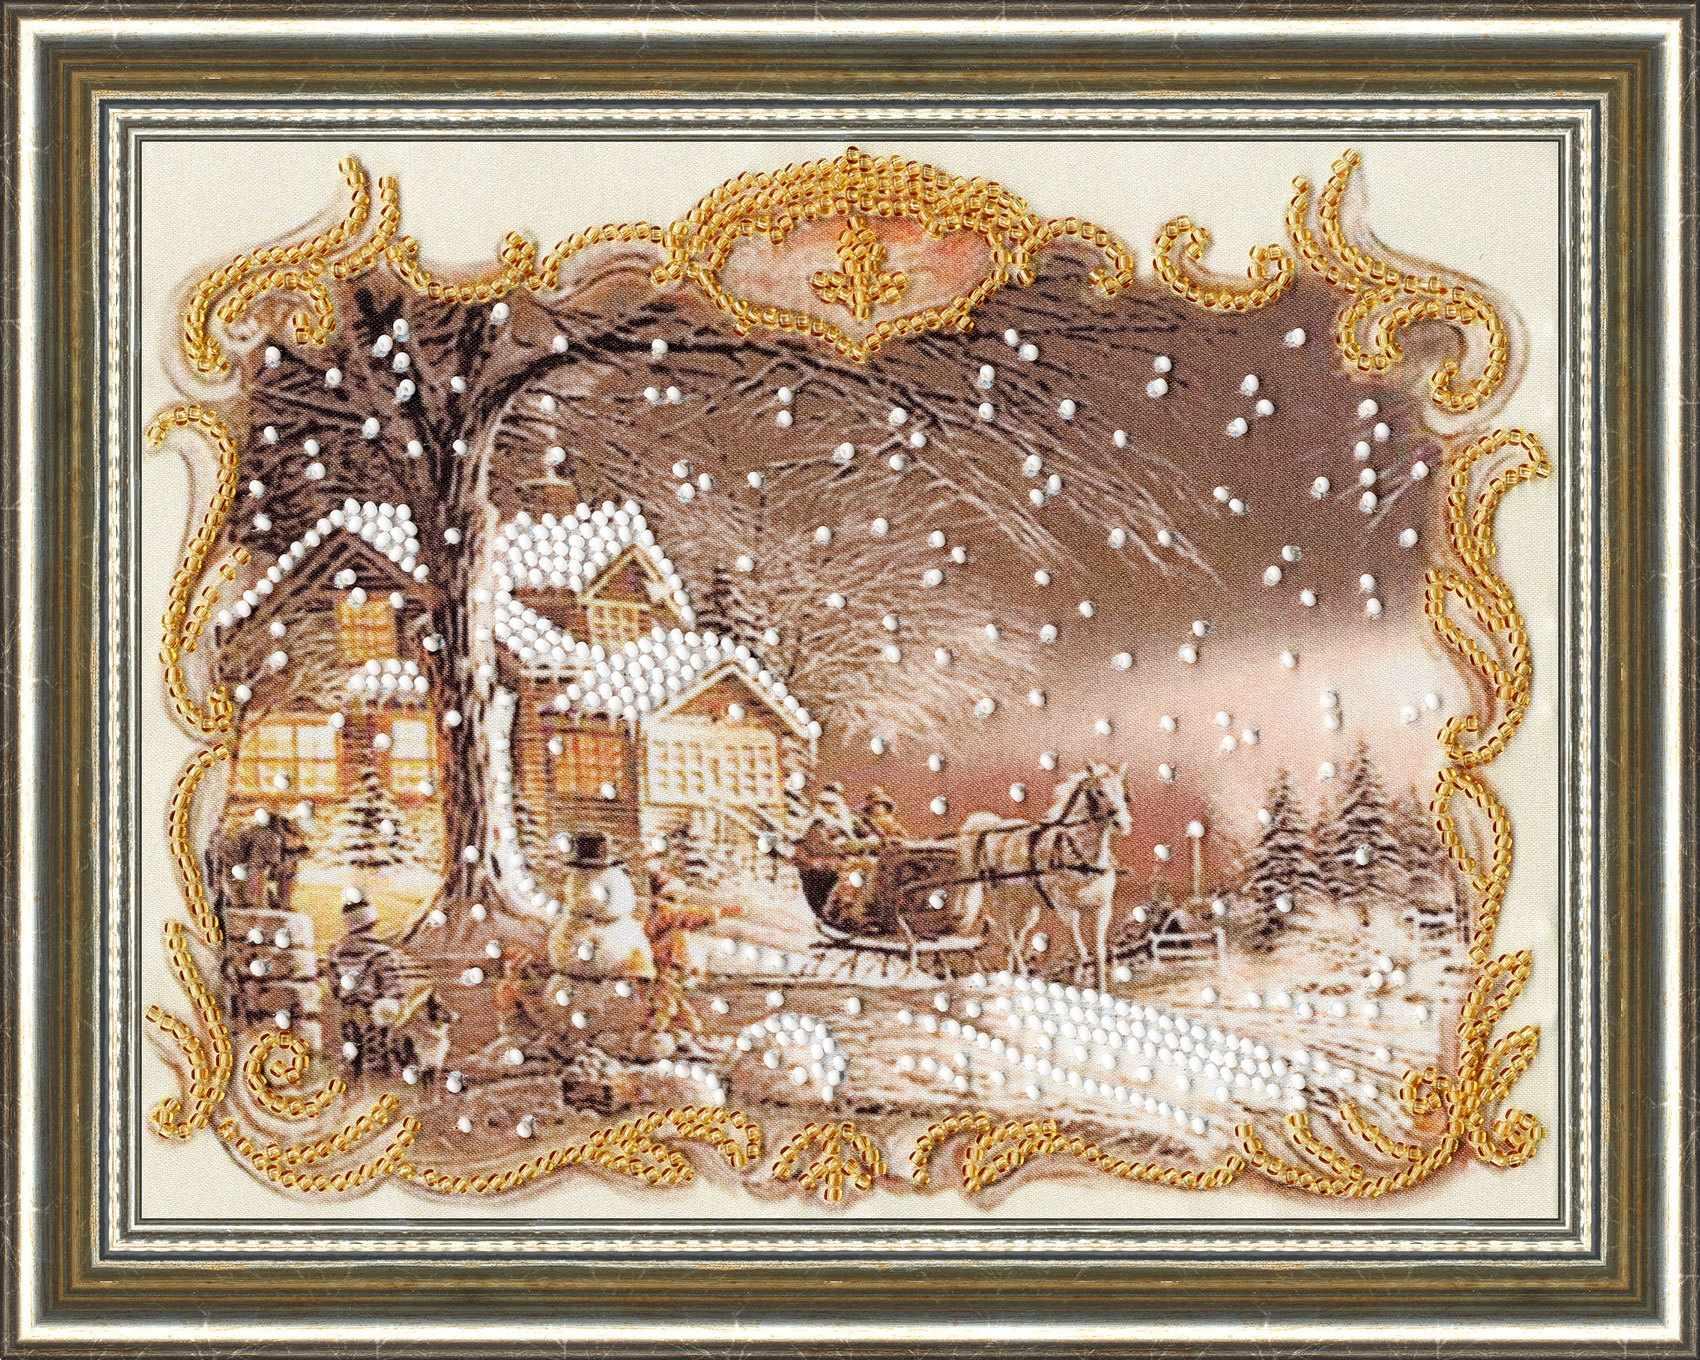 РТ-119 Снежный пейзаж. Рисунок на ткани